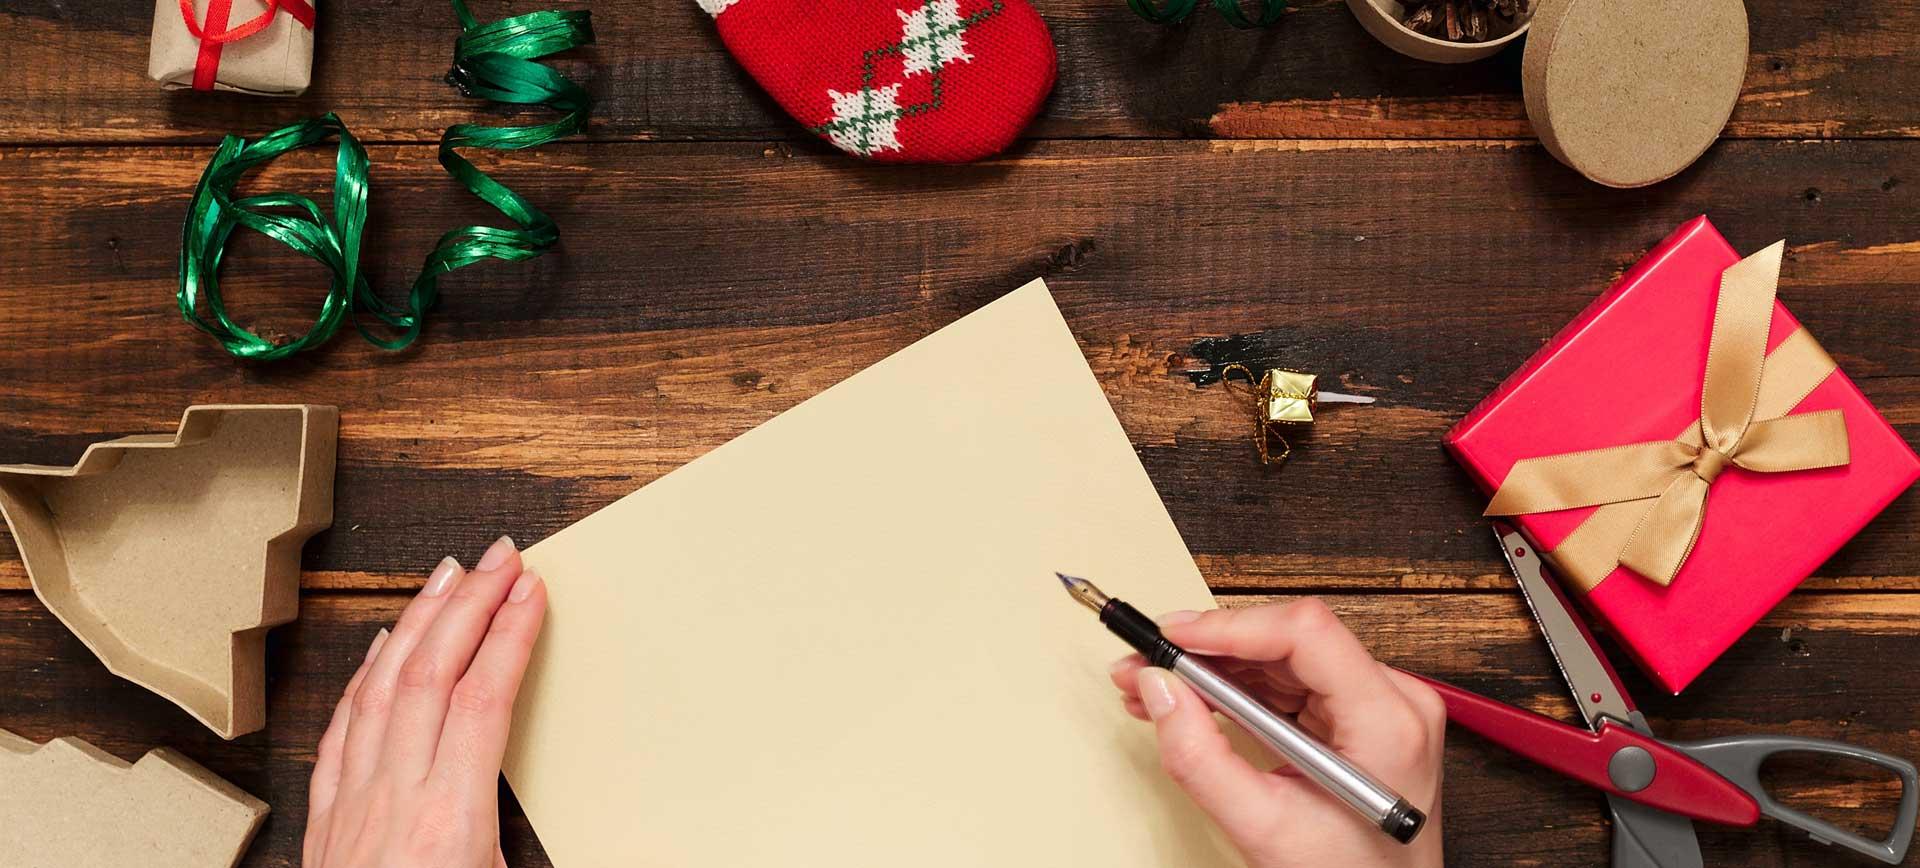 Familiäre Weihnachtsgrüße.Diy Weihnachtskarten 5 Tipps Für Schöne Weihnachtsgrüße